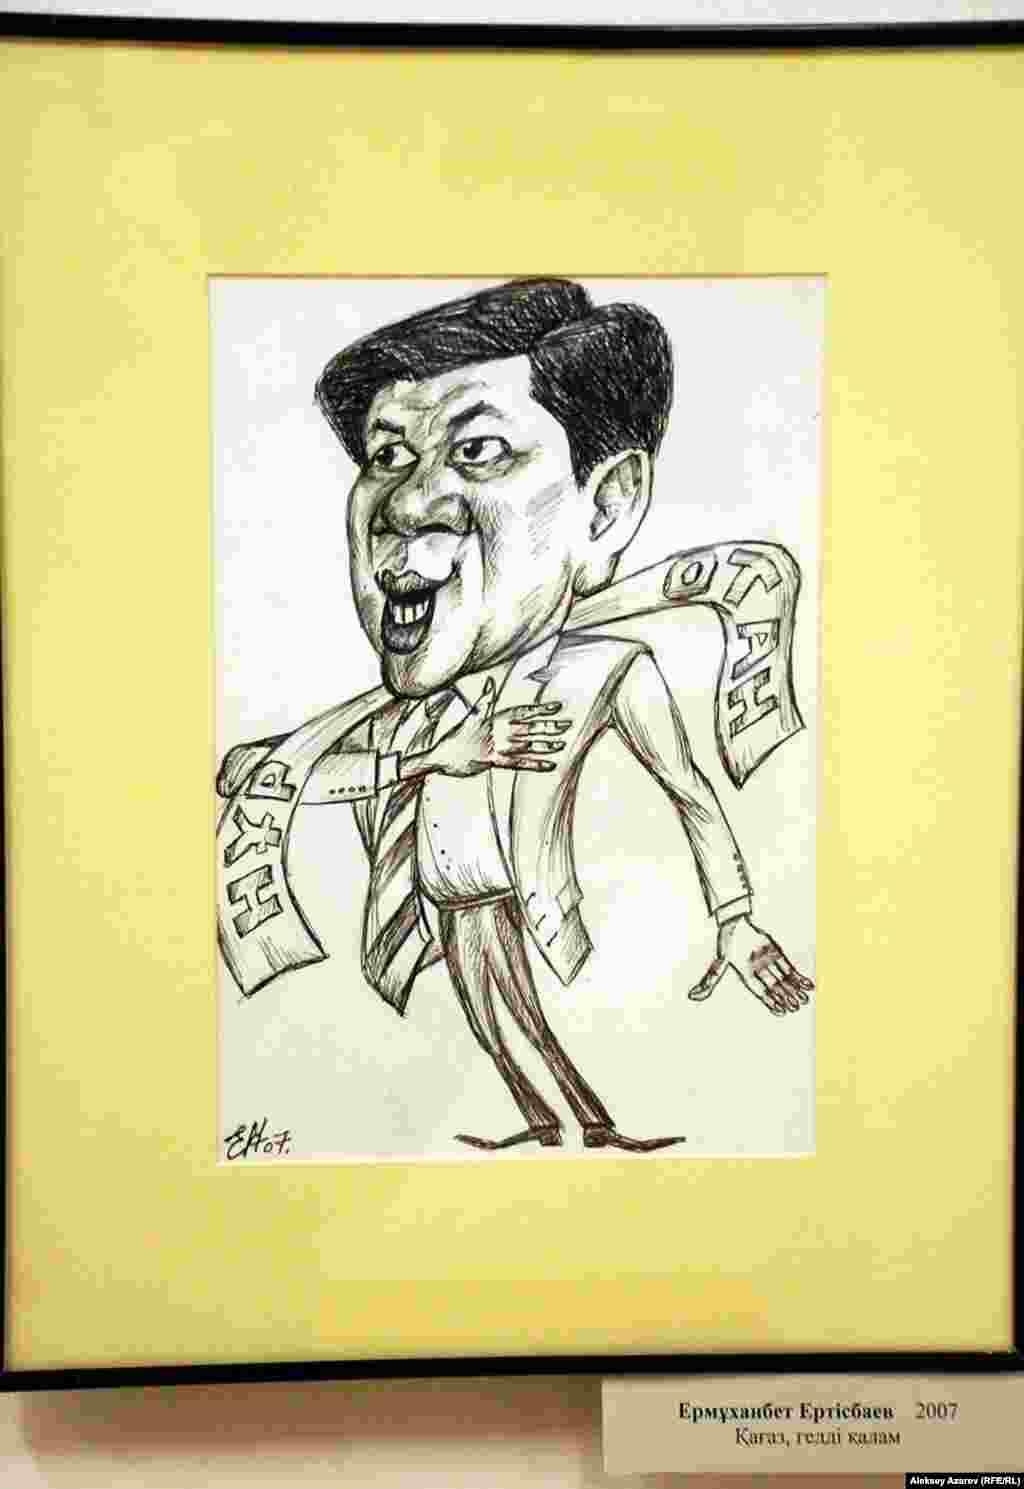 Карикатура на Ермухамета Ертысбаева, советника президента Казахстана.